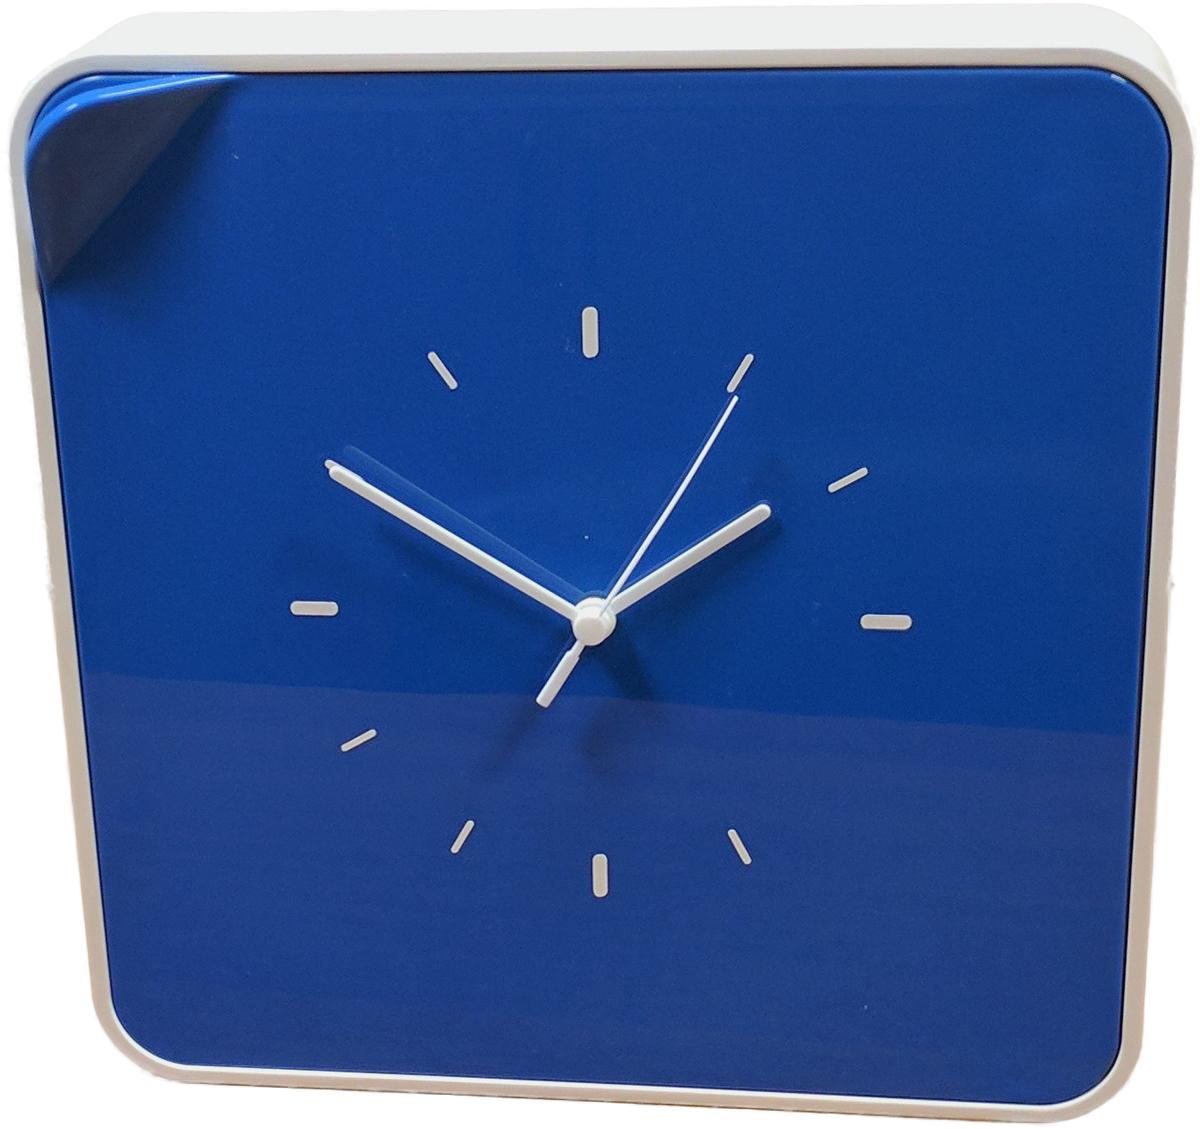 Ключница настенная Byline, с часами, цвет: синий. 108.3254.04108.3254.04Многофункциональный ящик - удобное решение для хранения любых мелочей: косметика, лаки, украшения, диски и другие мелкие аксессуары всегда будут на своем месте. Ящик легко впишется в интерьер, спальни, гостиной и даже деткой комнаты.